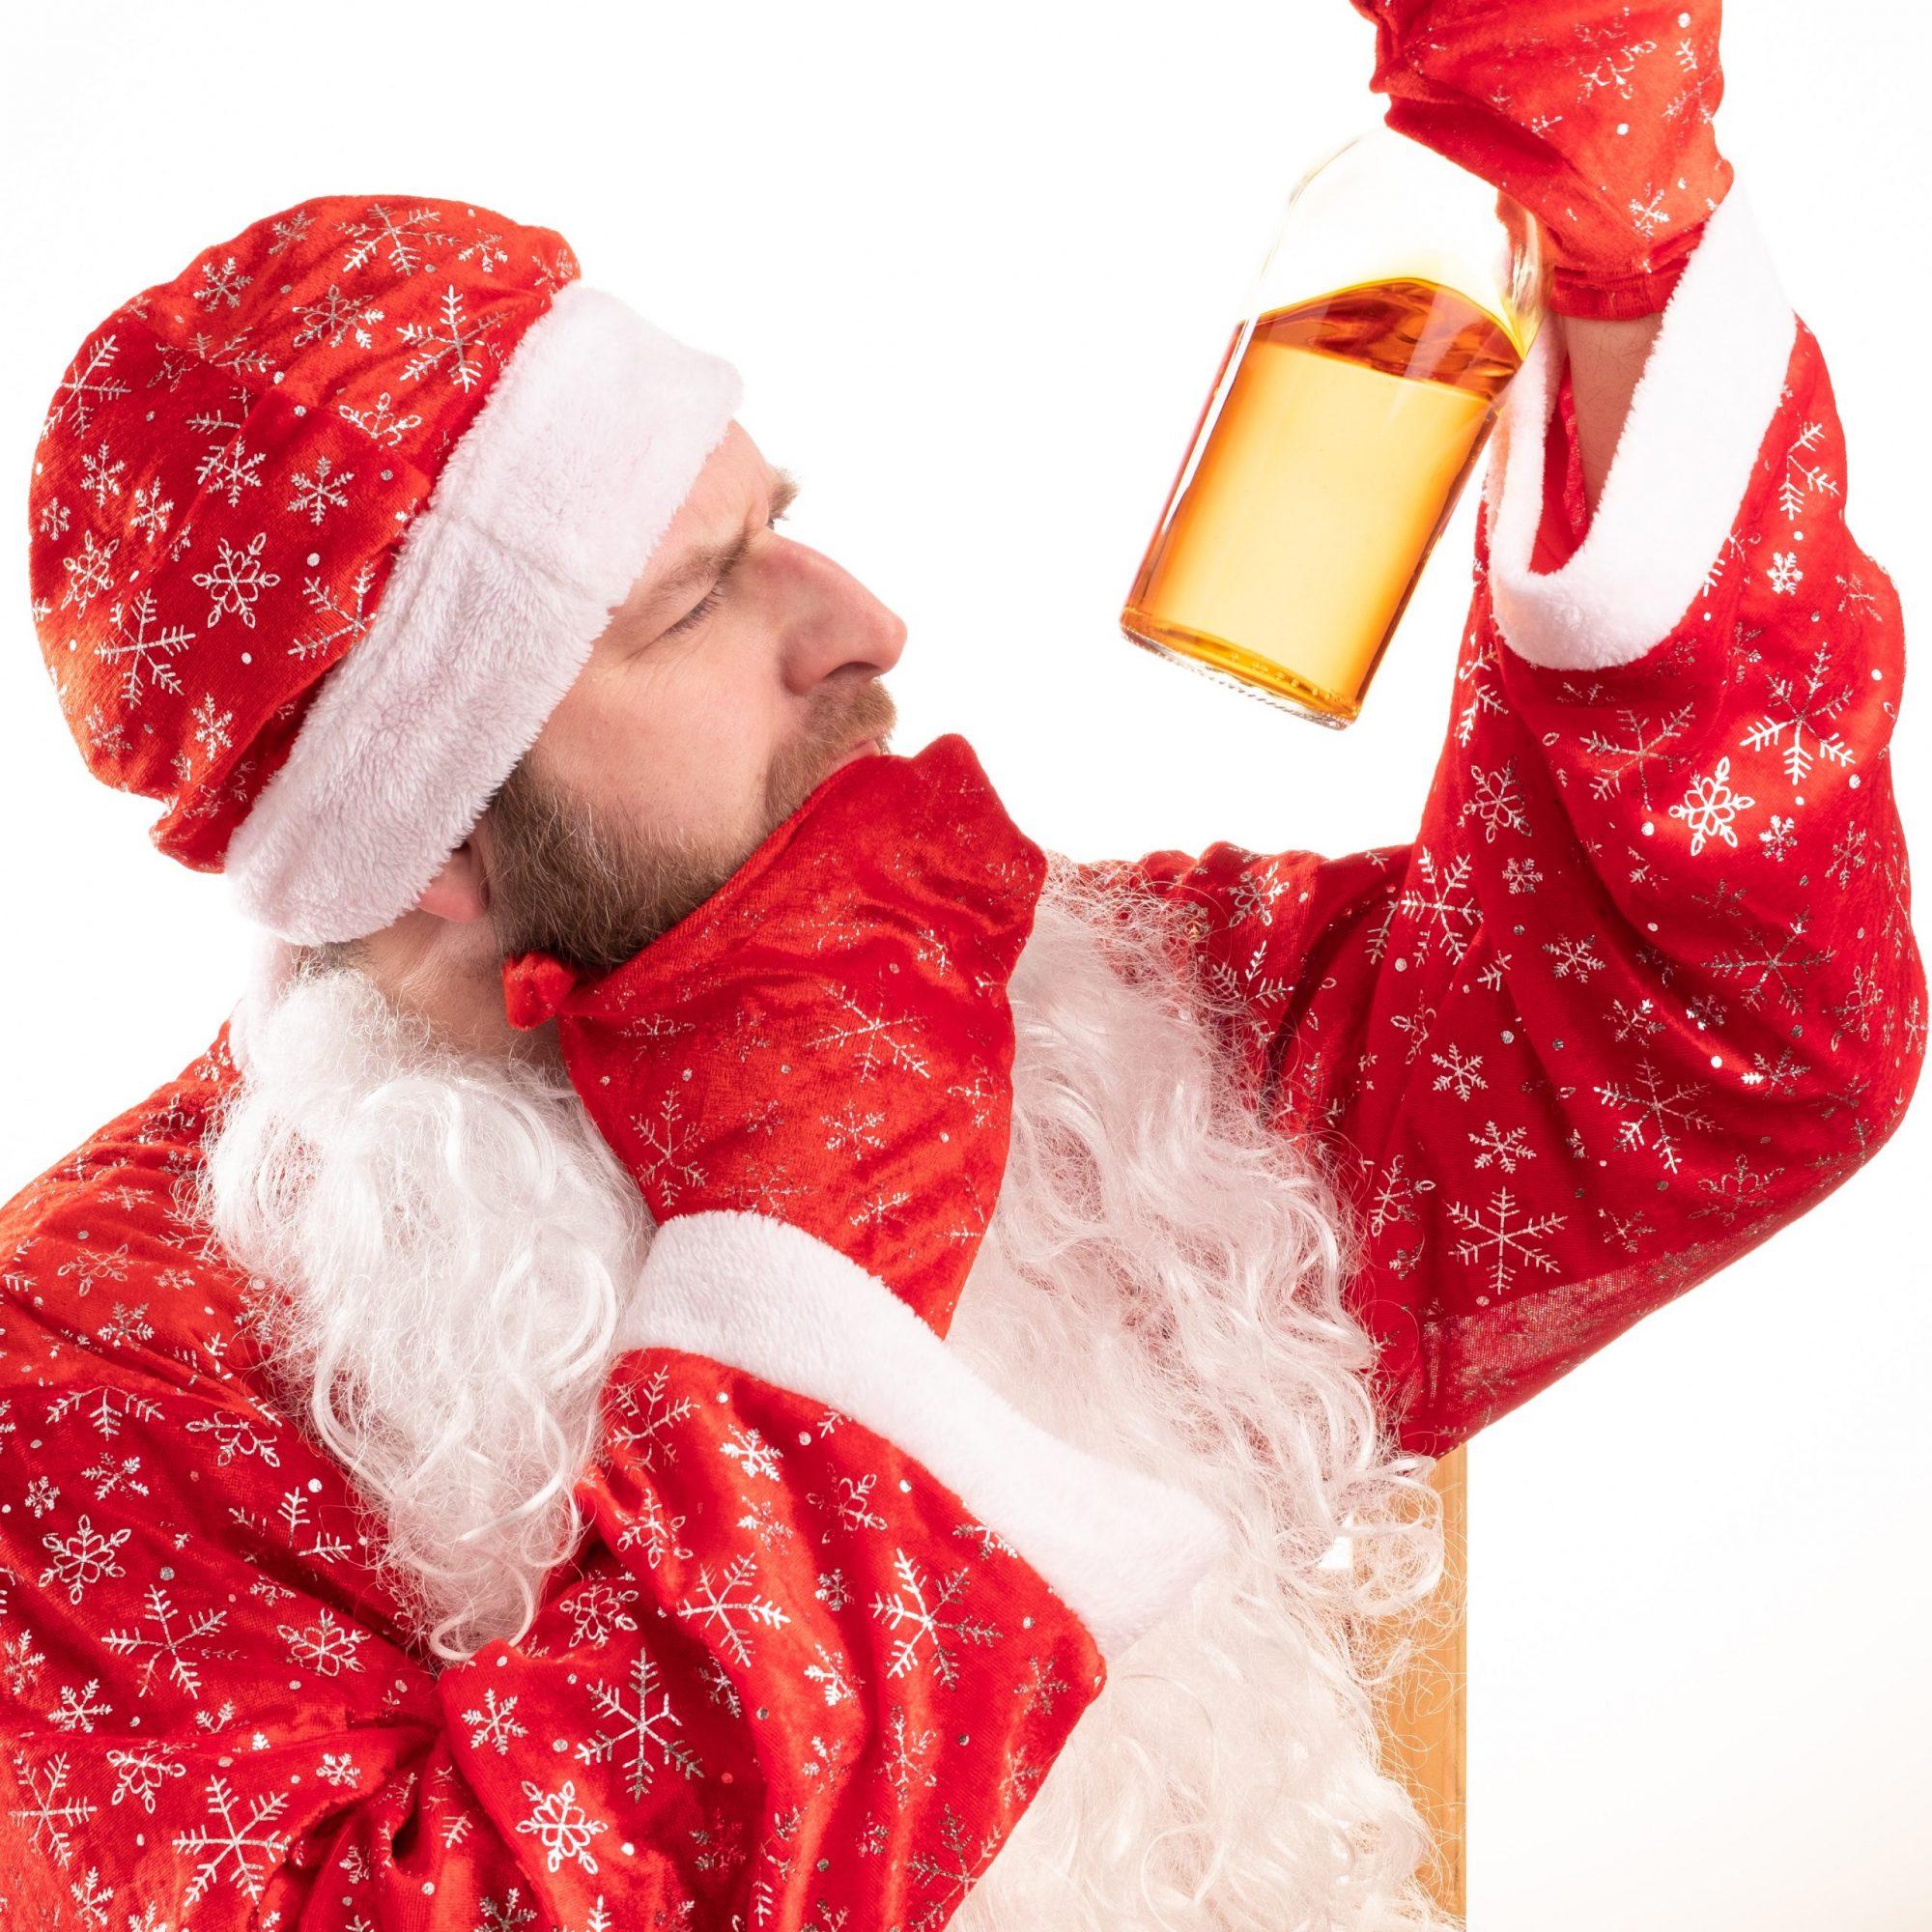 Anna lapselle raitis joulu -kampanja muistuttaa lapsen turvallisuuden tunteen säilyttämisestä myös juhla-aikana